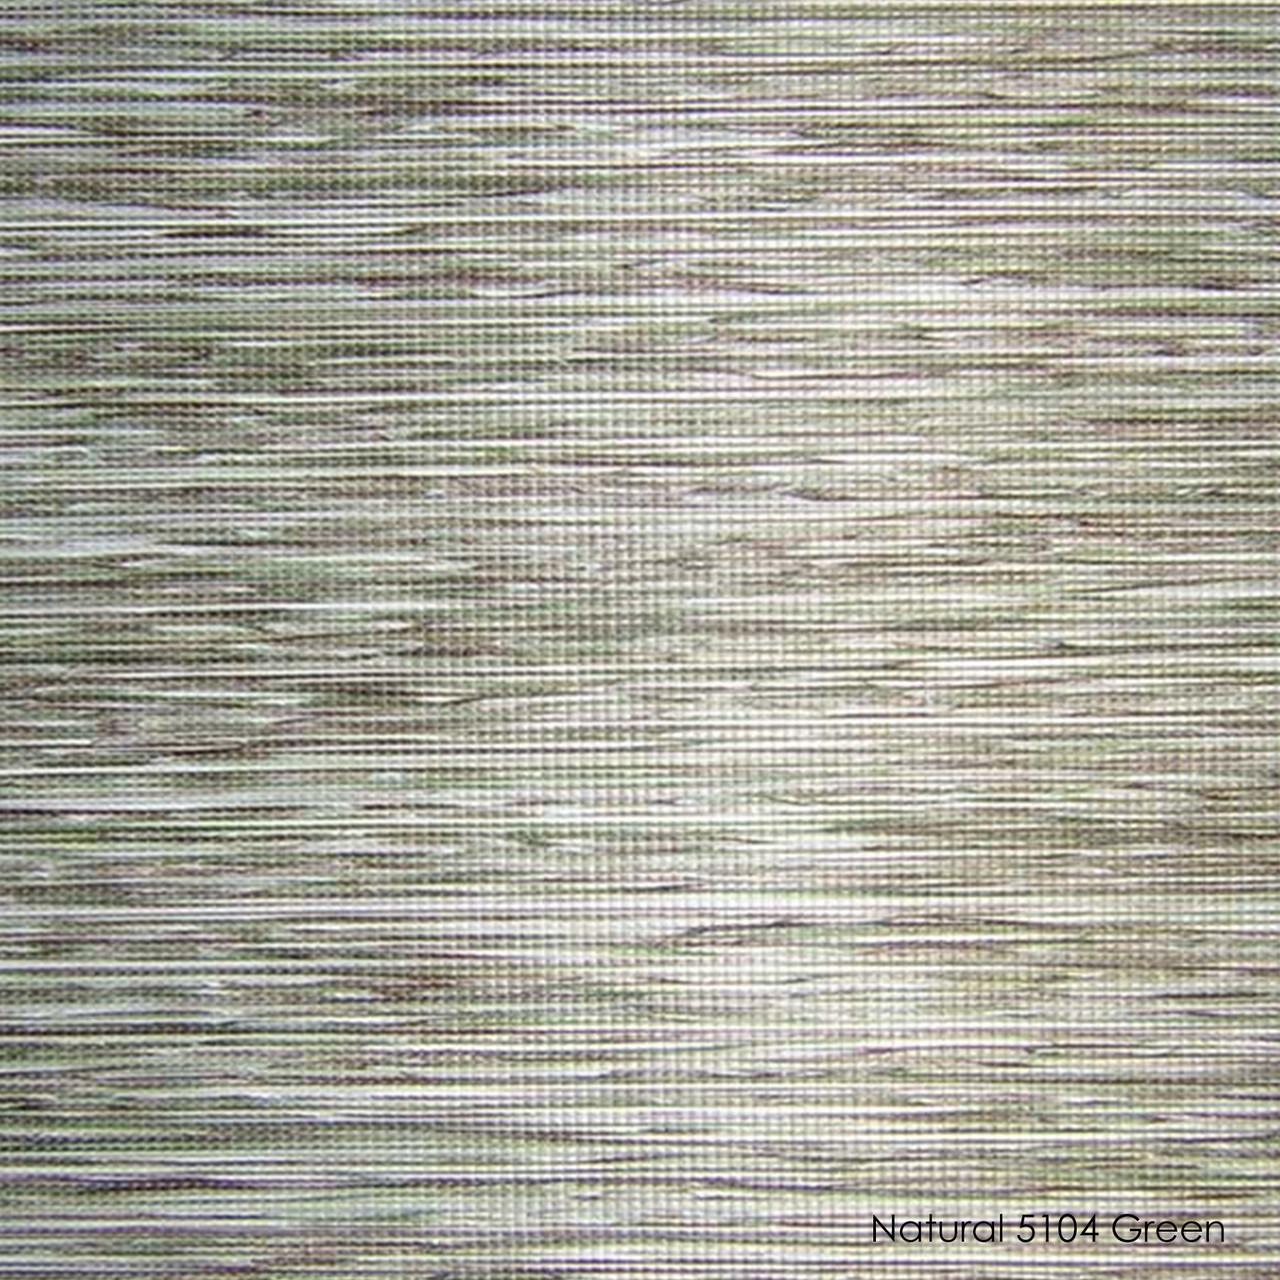 Natural-5104 green